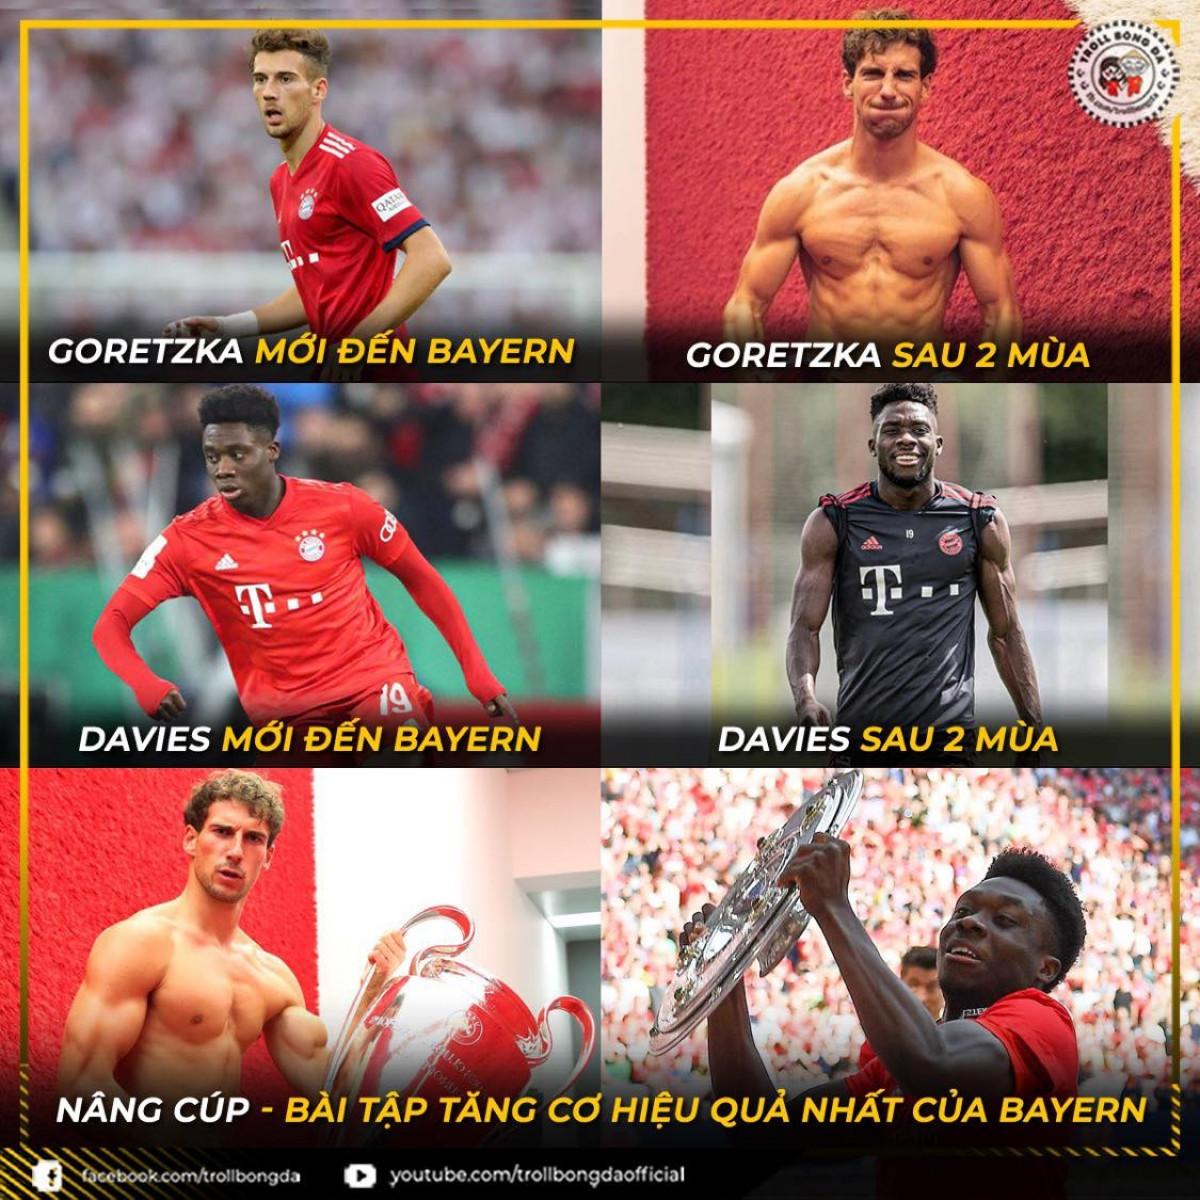 Các cầu thủ cơ bắp hơn nhiều khi đến với Bayern Munich. (Ảnh: Troll bóng đá).